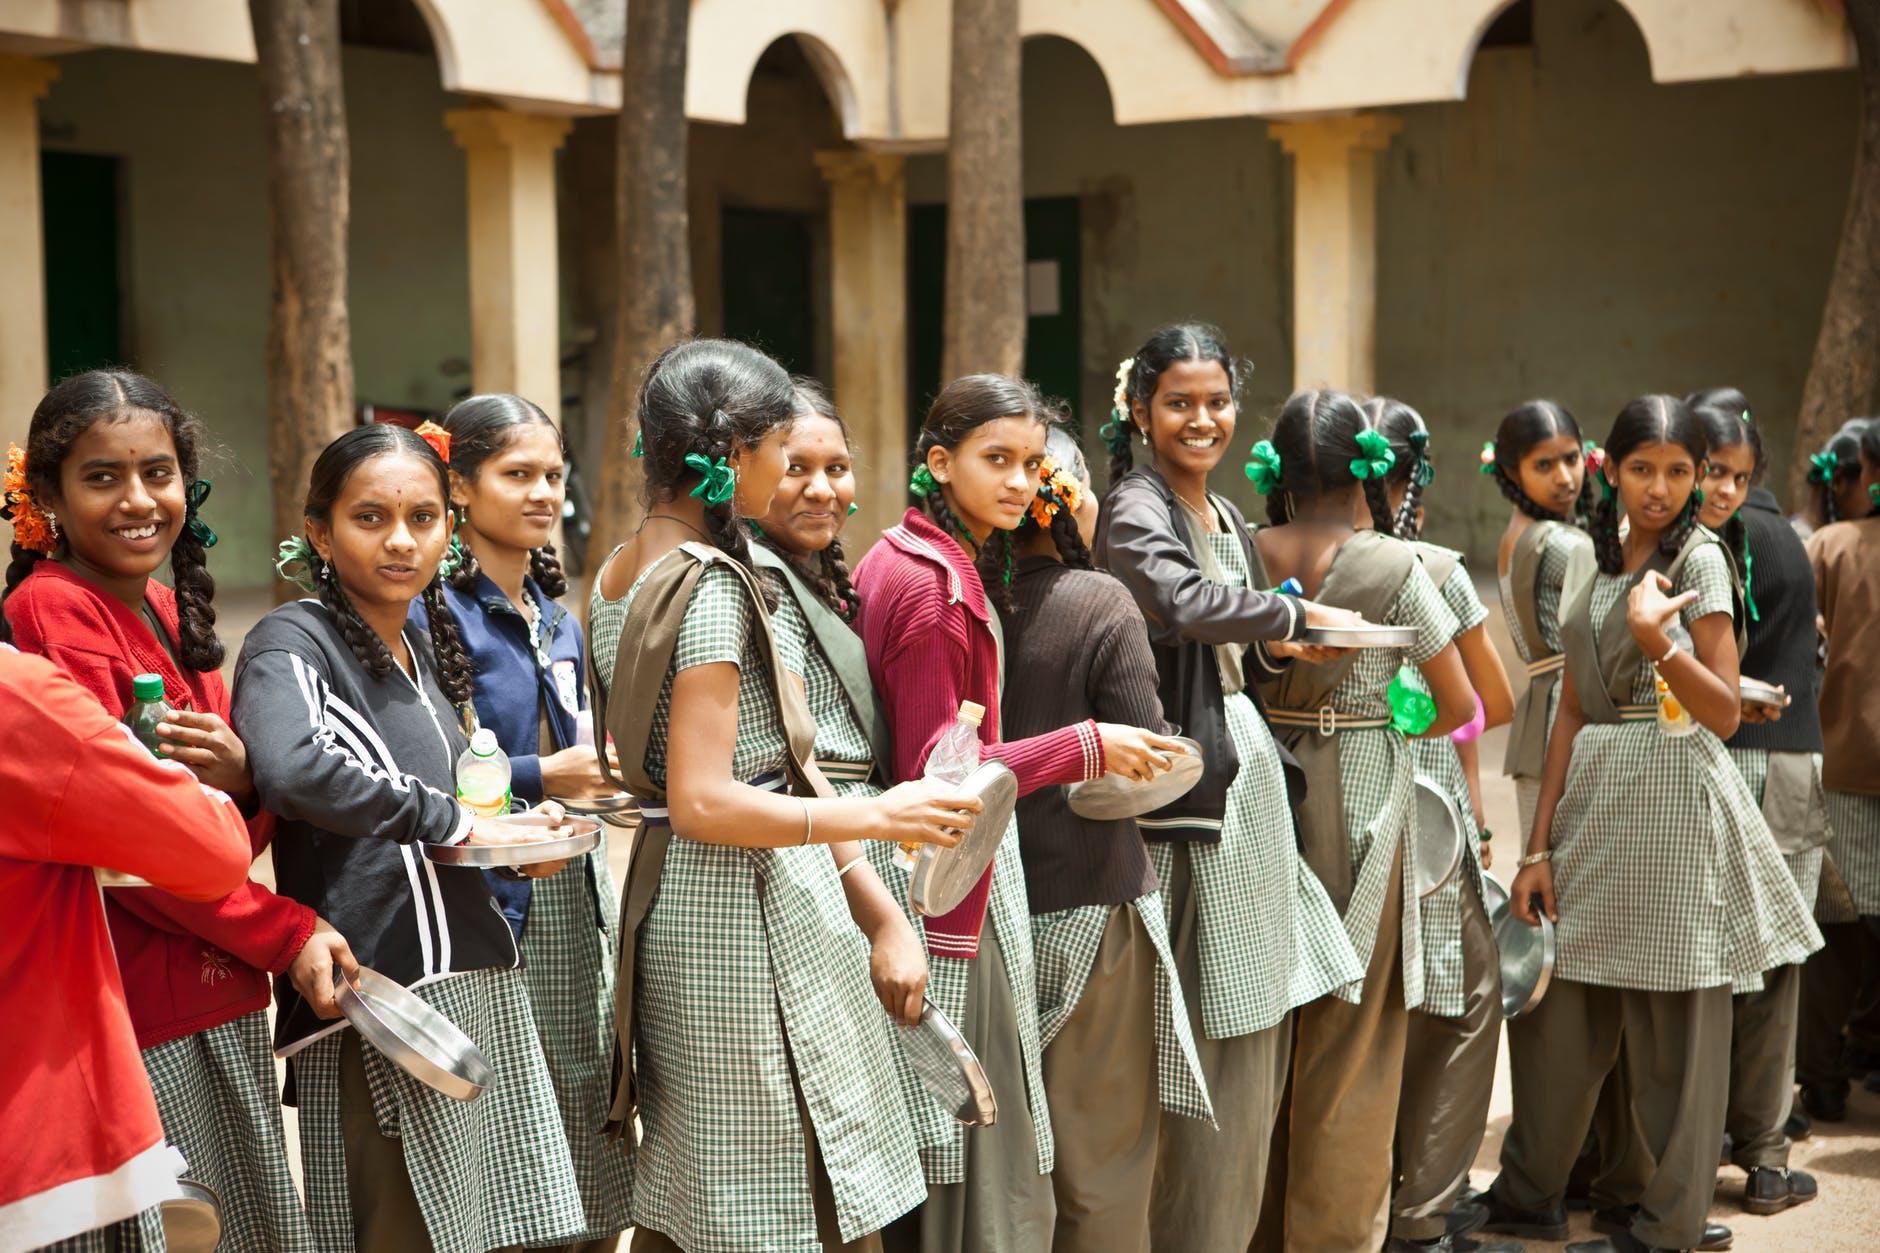 school-children-happy-food-159632.jpeg